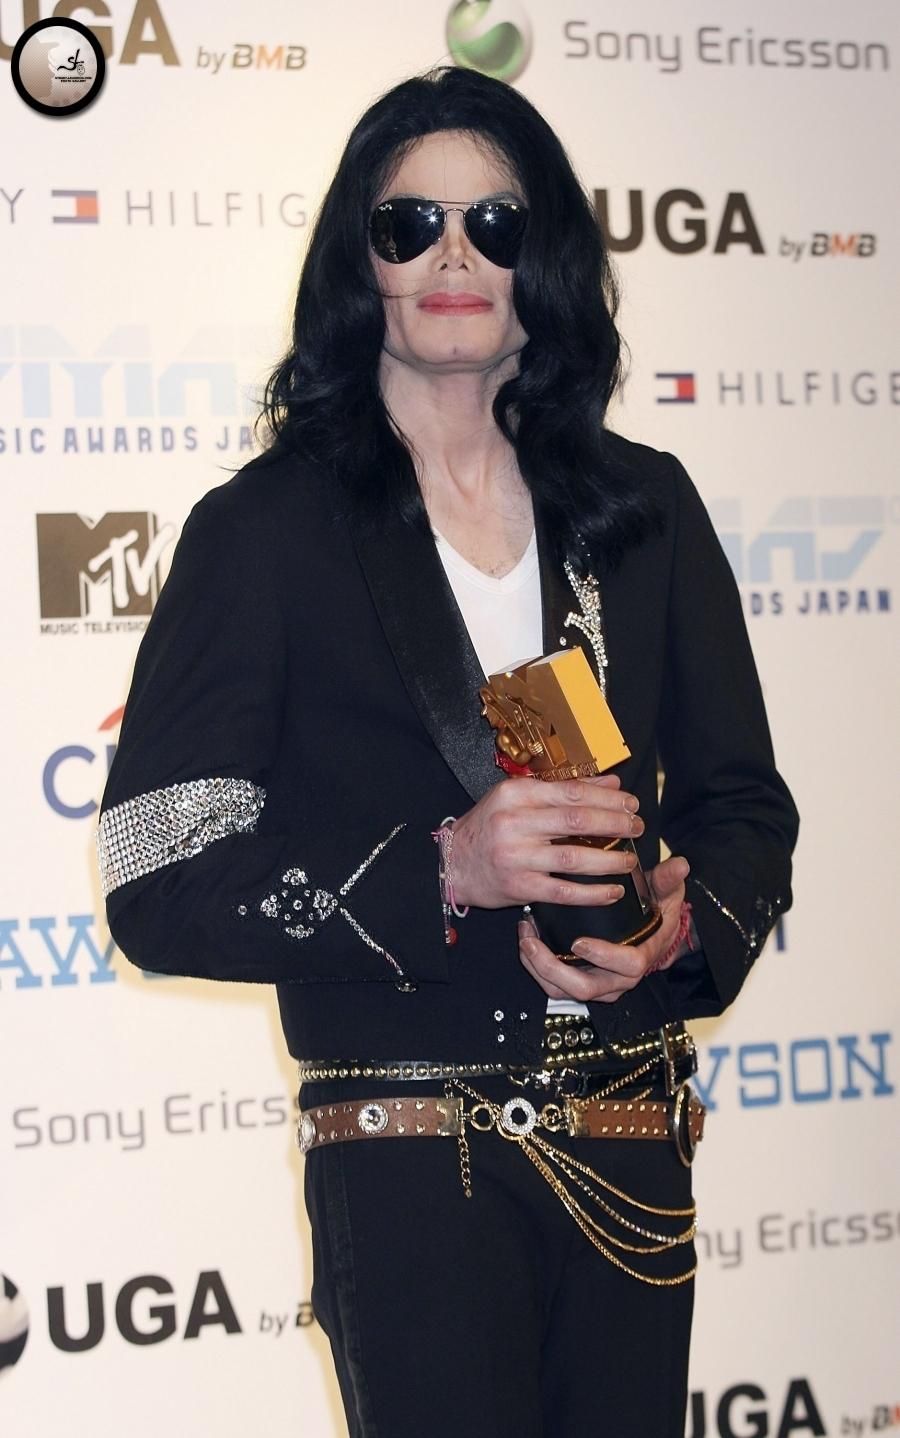 2006 Japan MTV Video Music Awards / Press Room